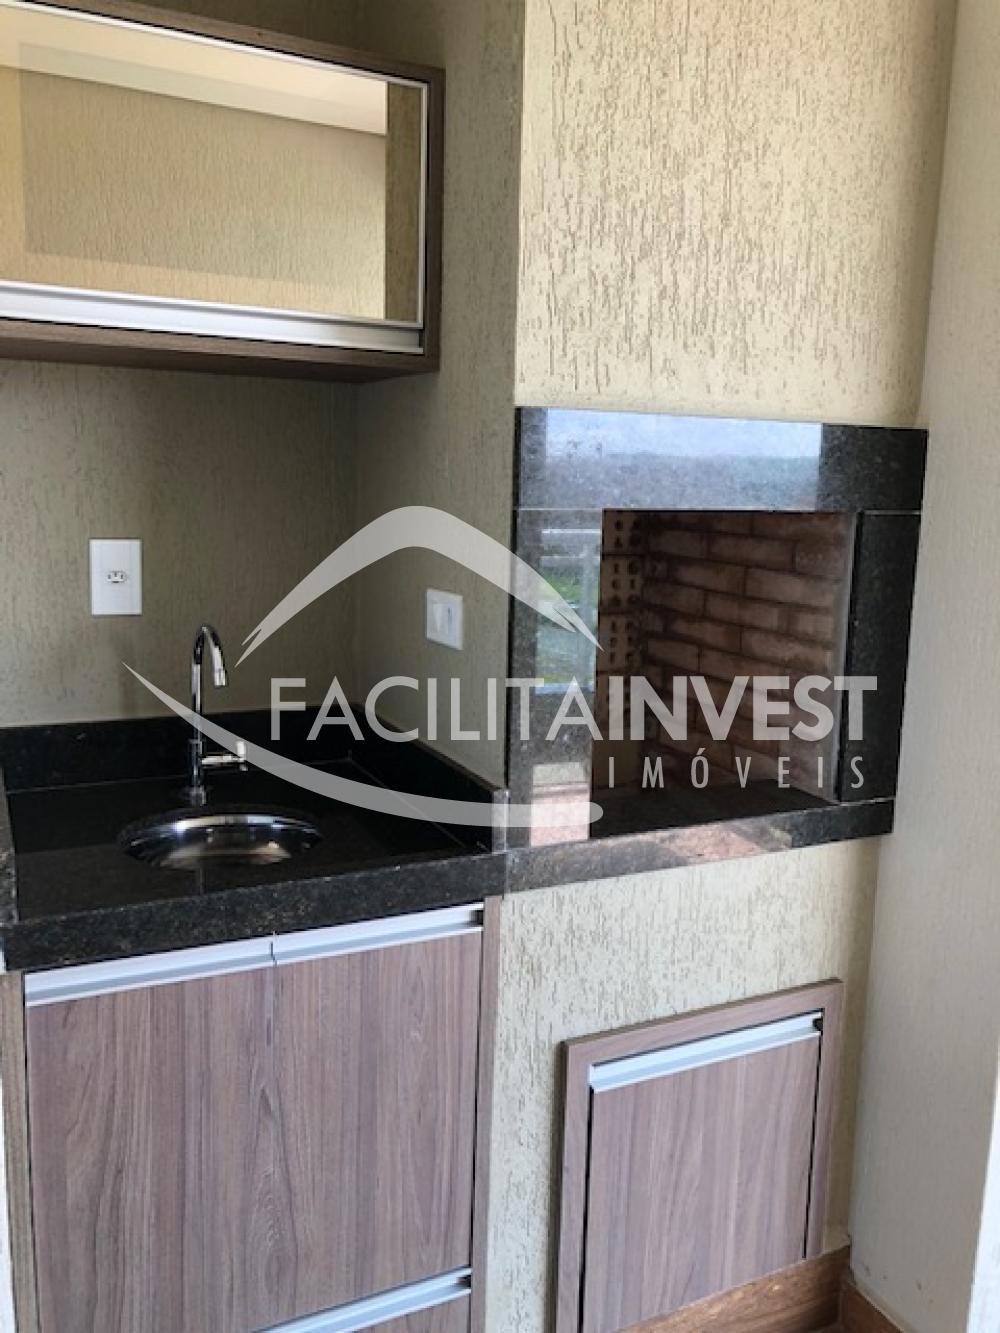 Alugar Lançamentos/ Empreendimentos em Construç / Apartamento padrão - Lançamento em Ribeirão Preto apenas R$ 1.200,00 - Foto 11